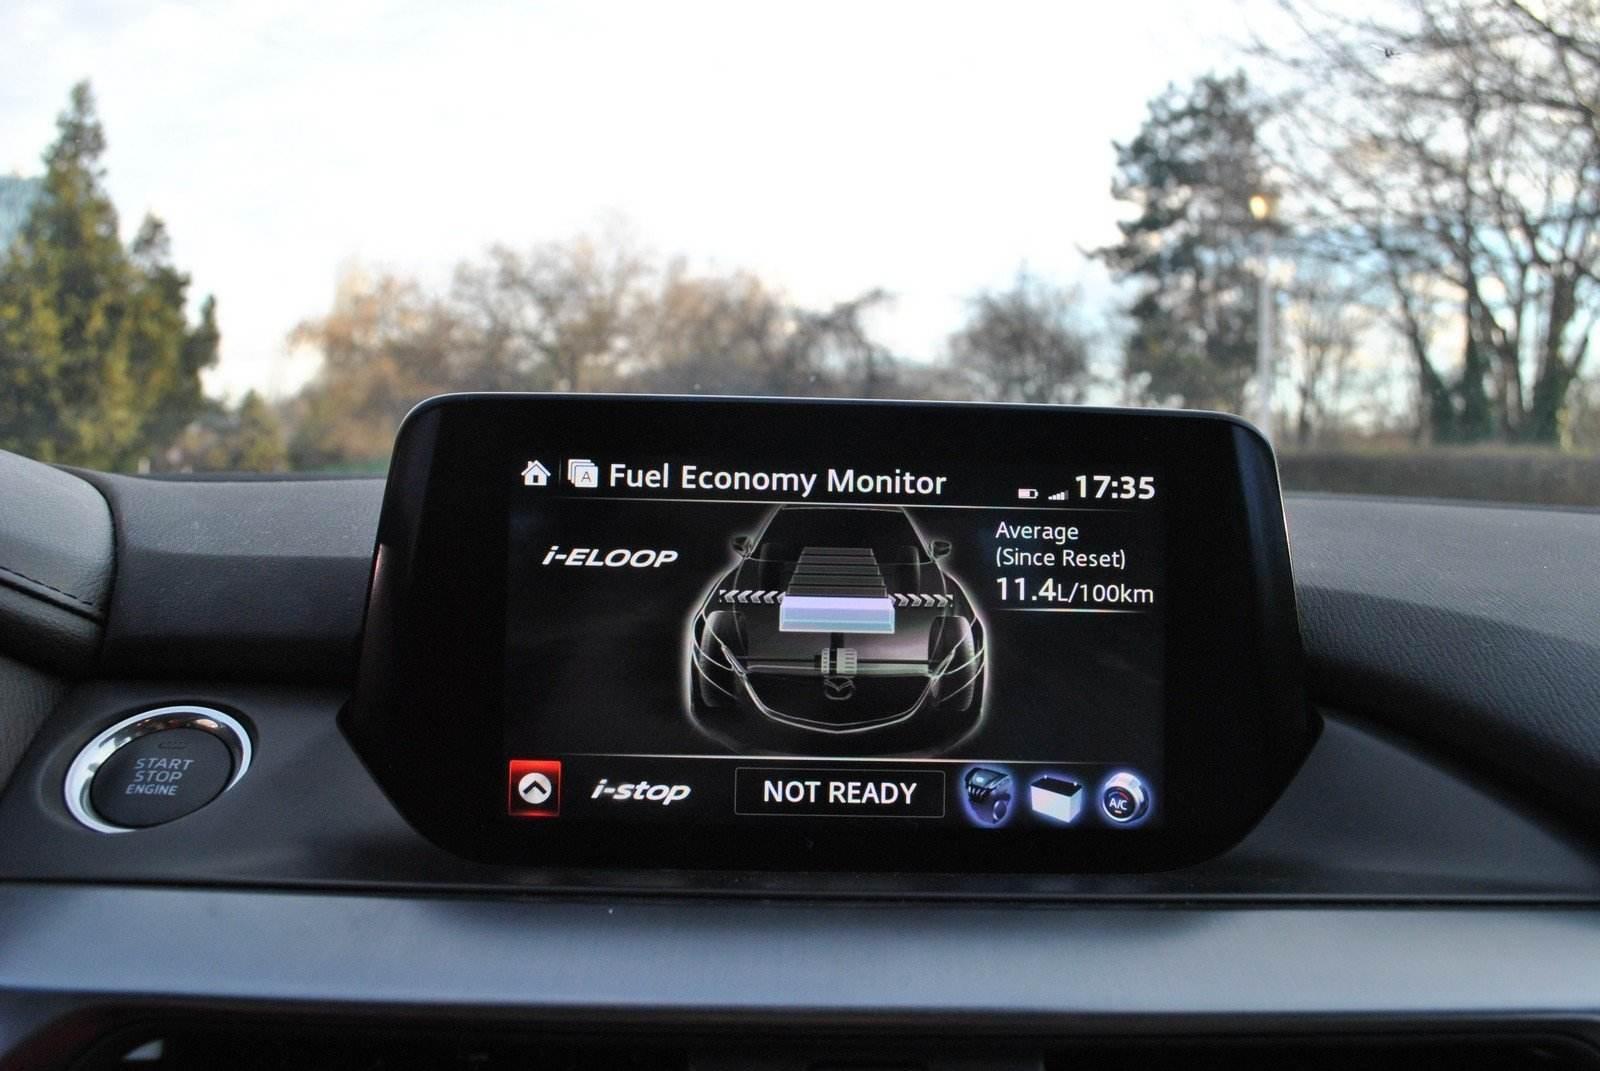 Sistemul i-ELOOP recuperează energia la frânare, o stochează într-un capacitor și o utilizează pentru alimentarea farurilor, a climatizării, sistemului audio și a altor consumatori, cât mașina stă pe loc, cu motorul oprit de funcția Start/Stop.